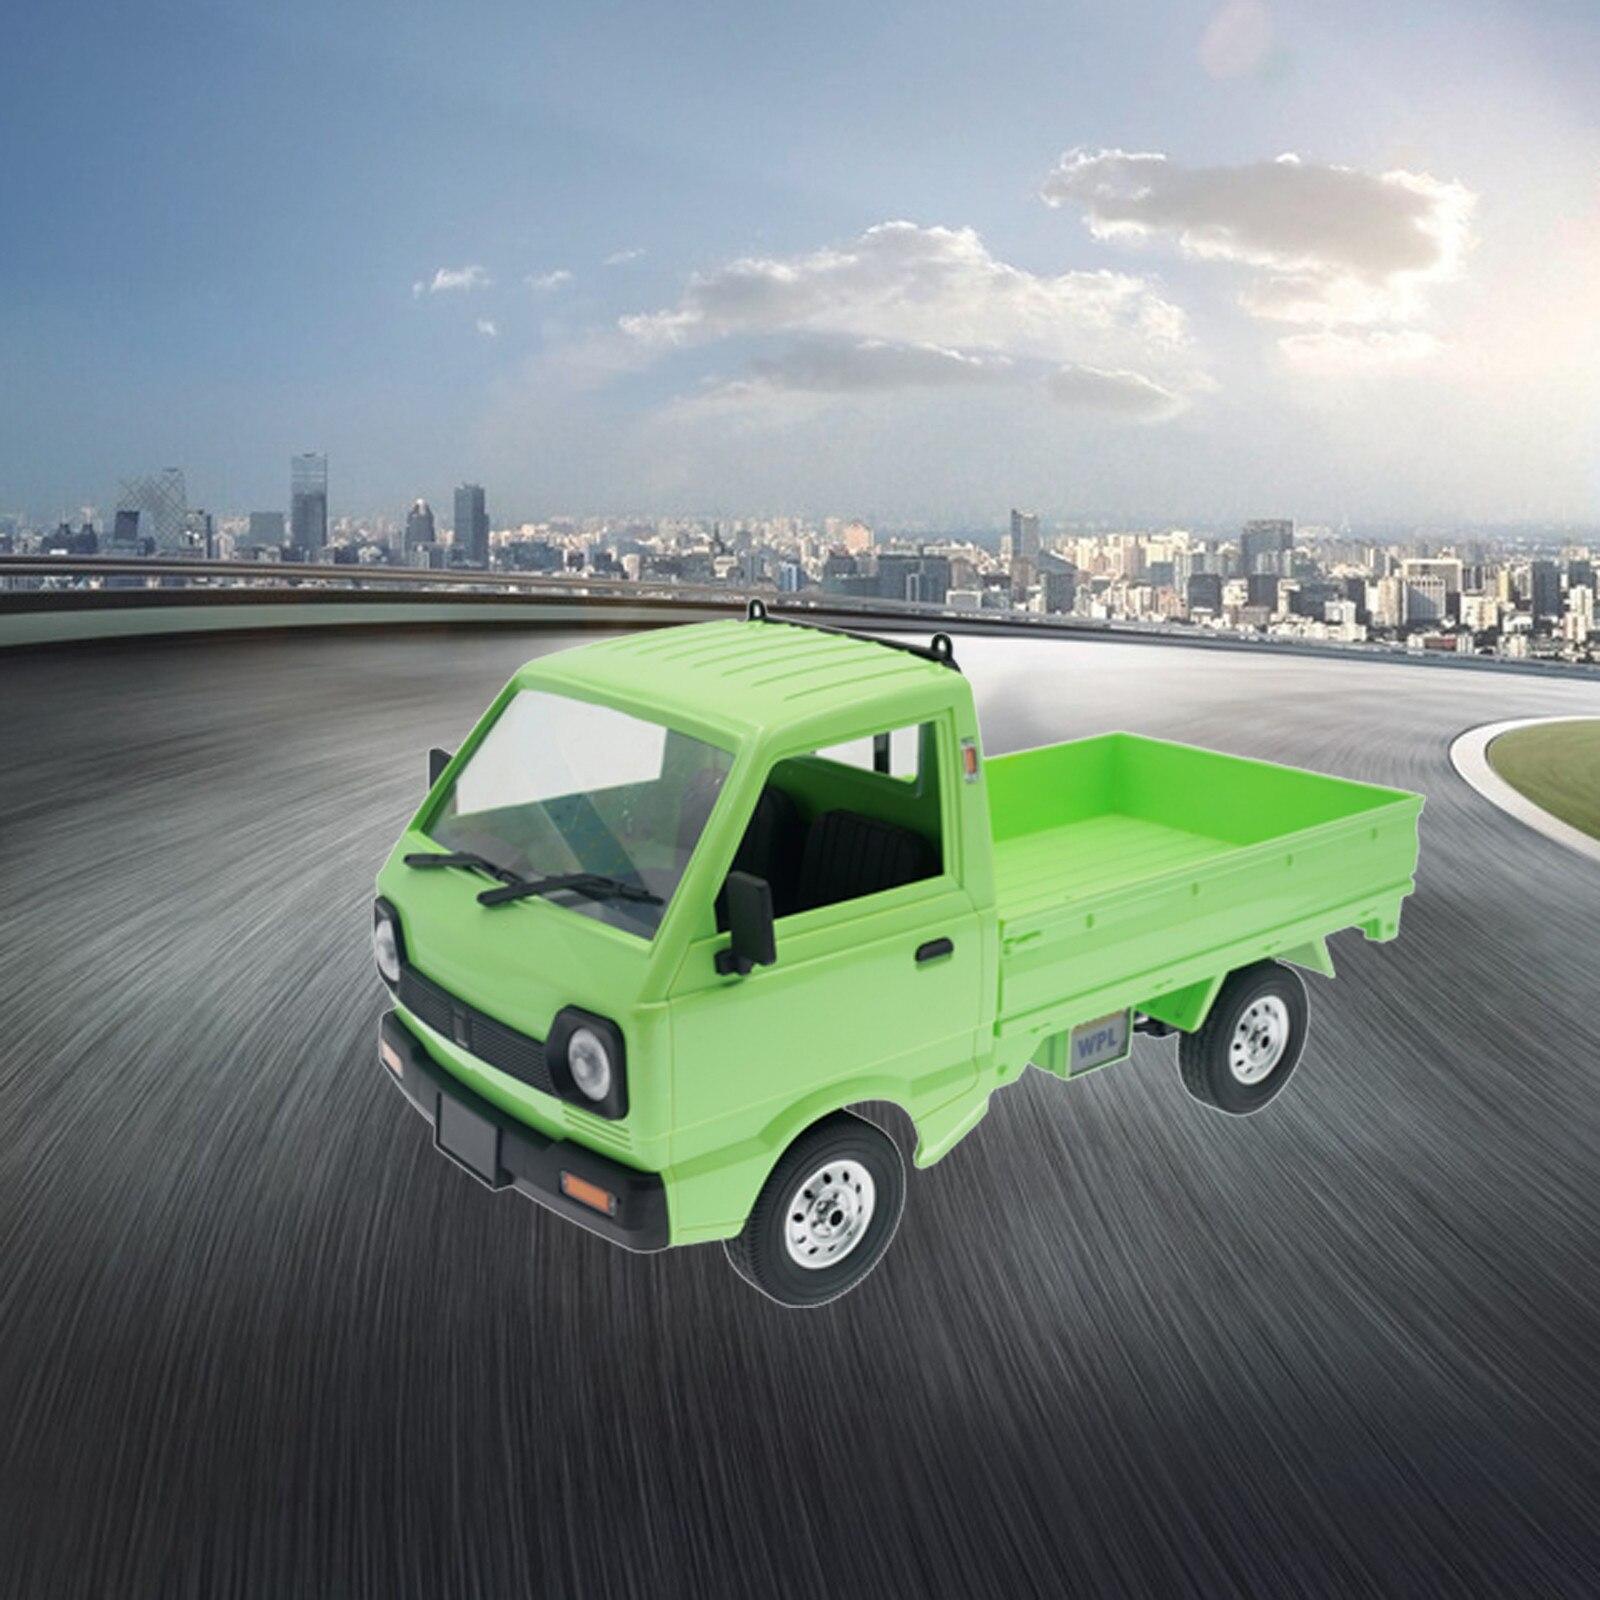 Caminhões rc wpl d12 1/10 rc carro simulação deriva caminhão 260 motor rc brinquedo do carro de controle remoto brinquedos presente aniversário para crianças meninos